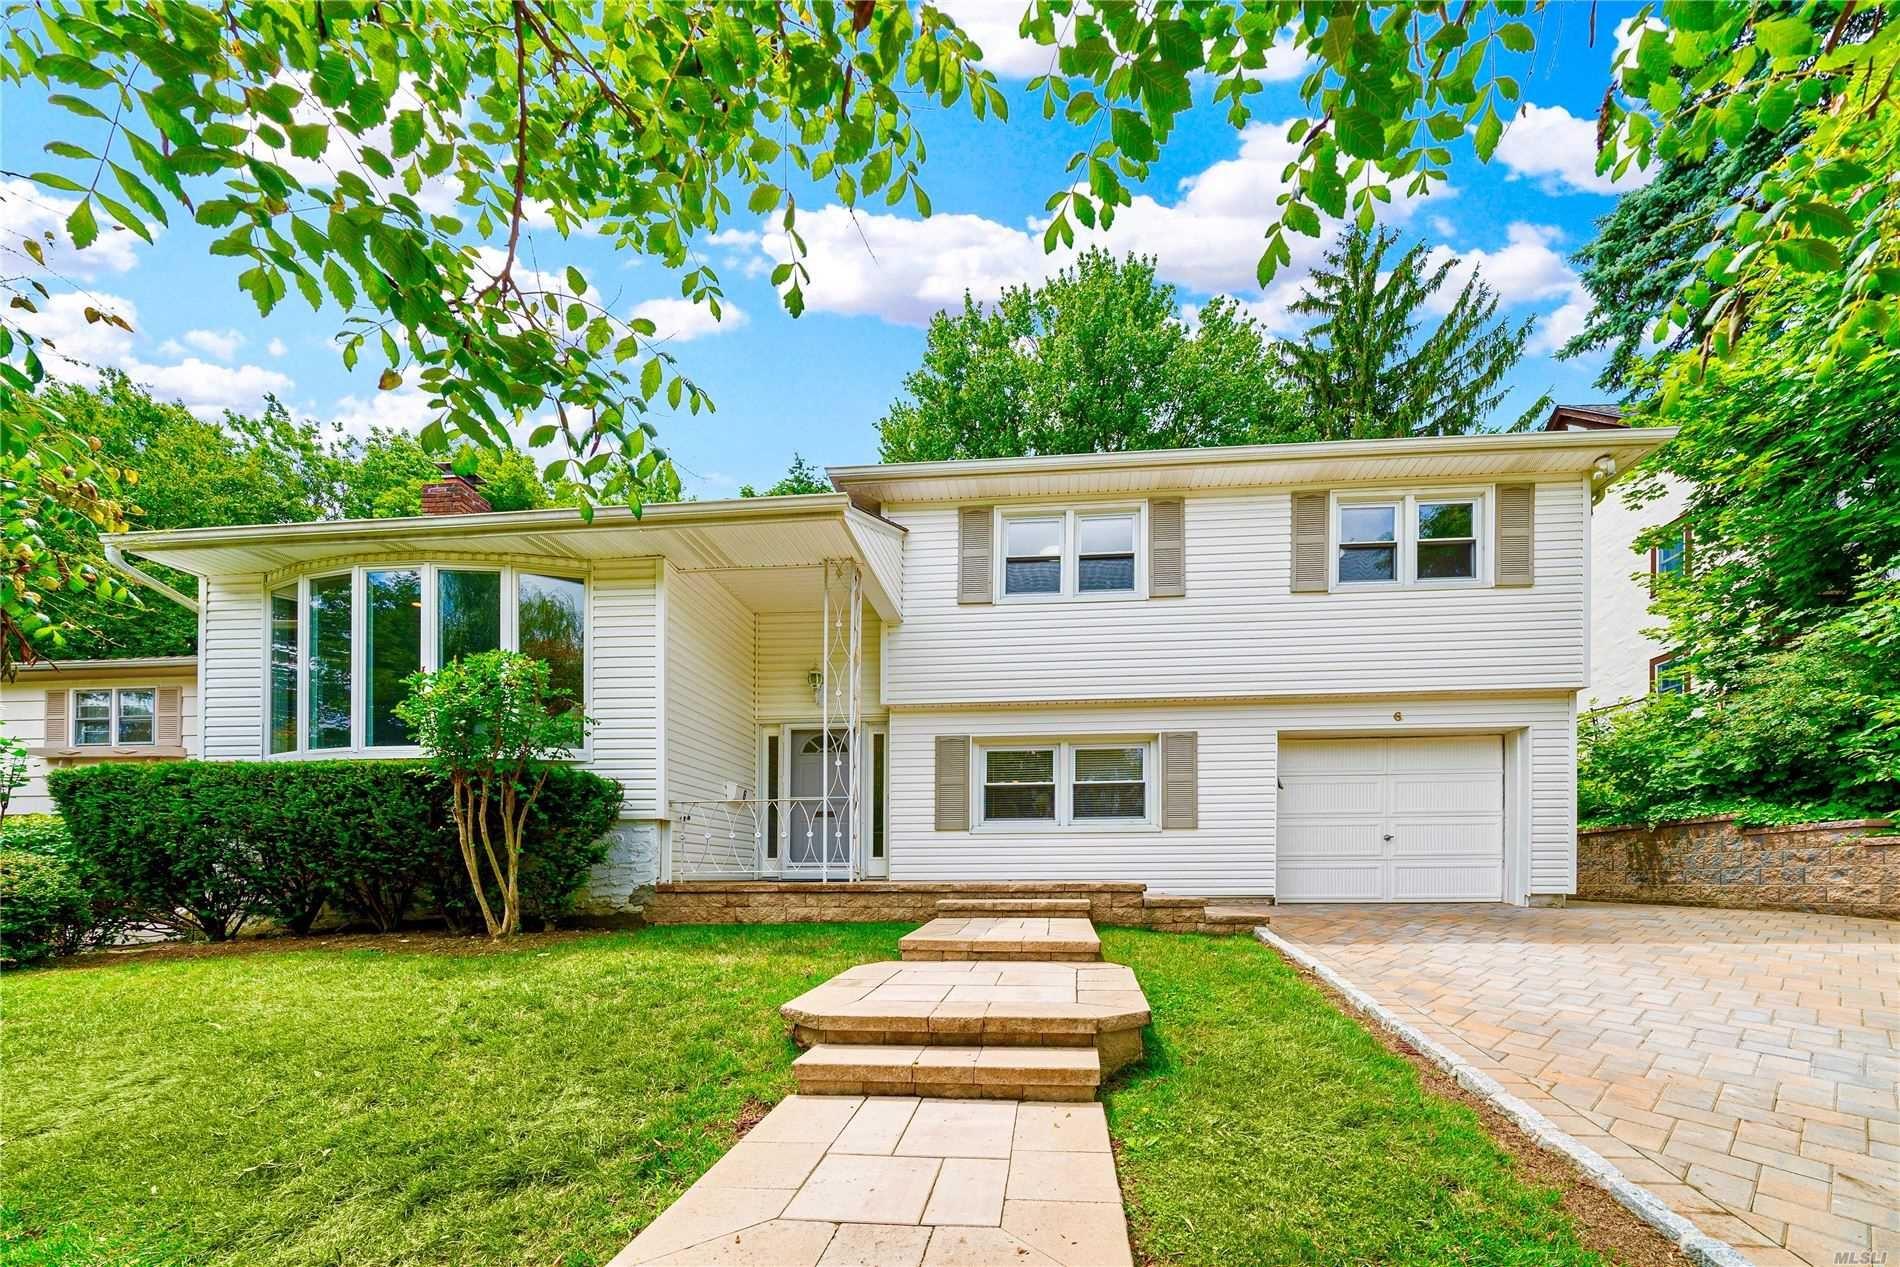 6 Terrace Drive, Great Neck, NY 11021 - MLS#: 3233612